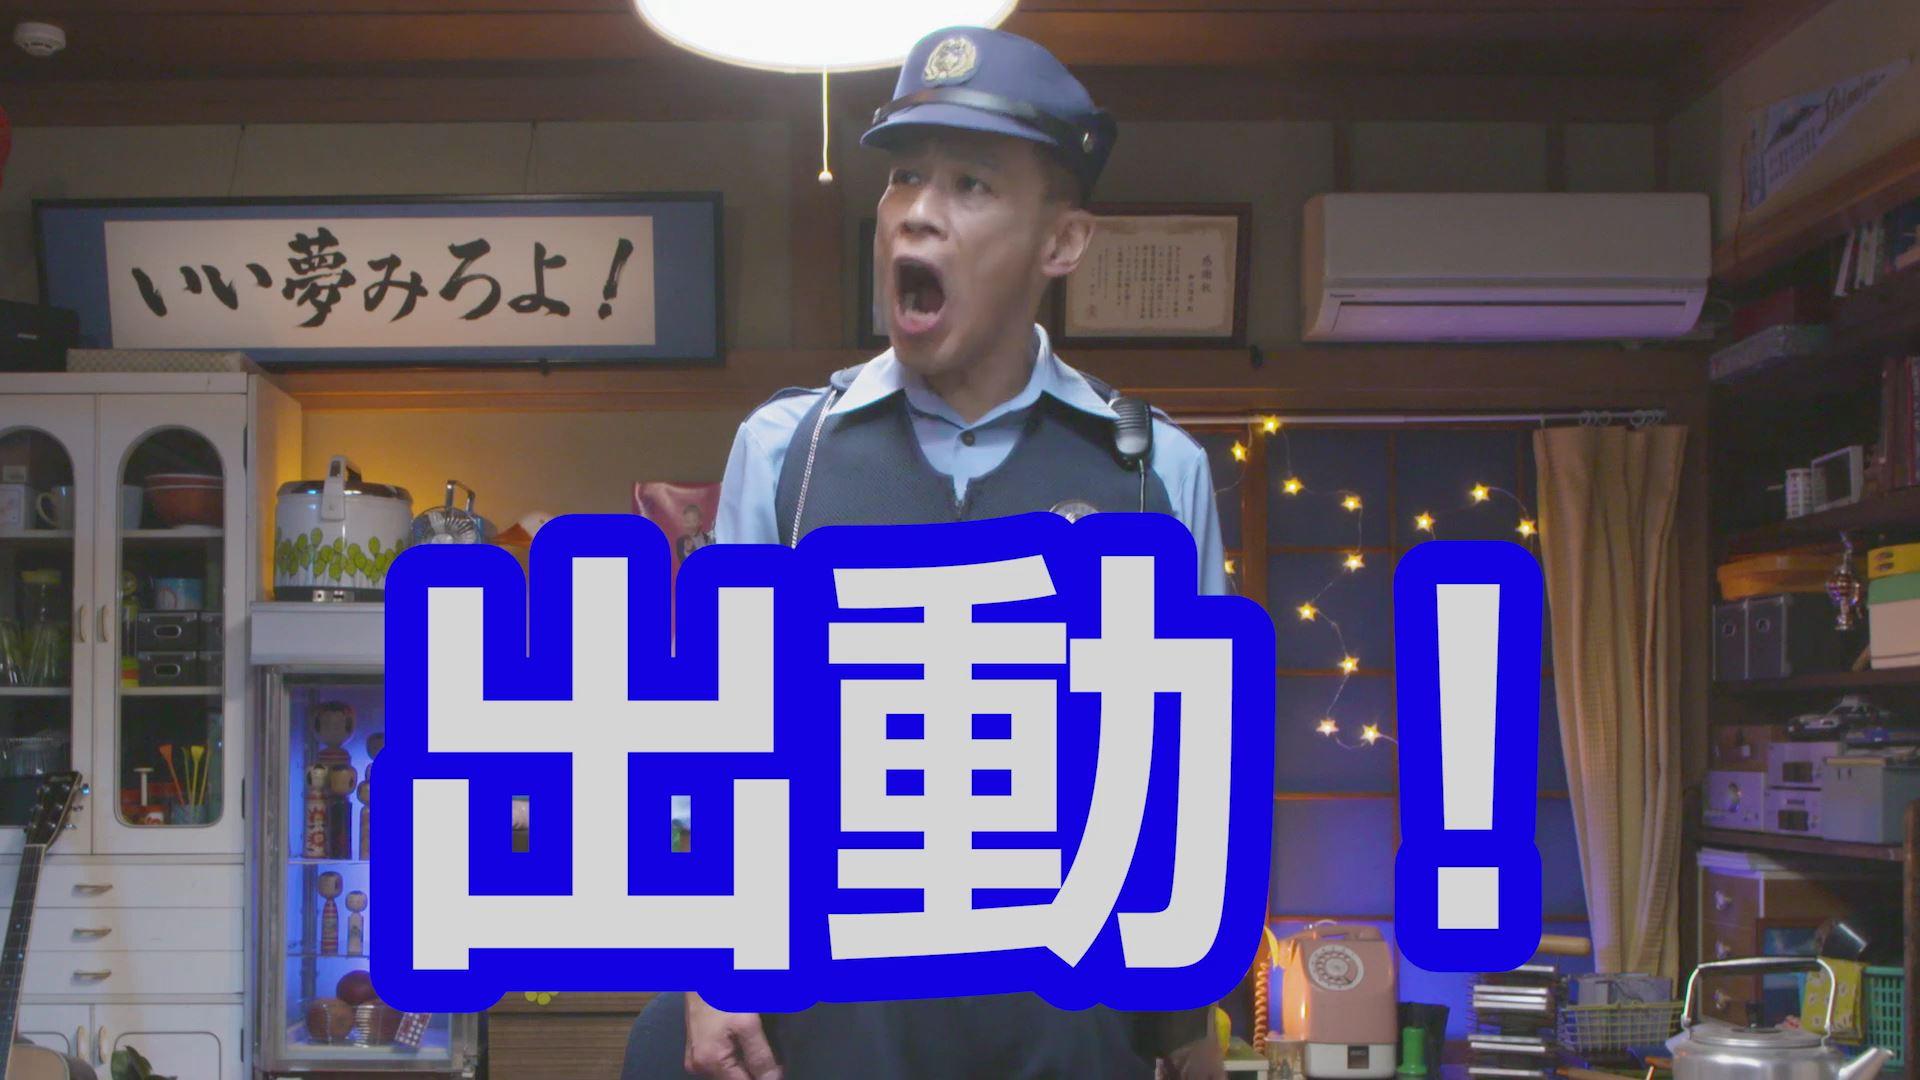 【ゲーム実況】柳沢慎吾が実況プレイいい夢みろよTV | #昭和からやってきたYouTuber 3